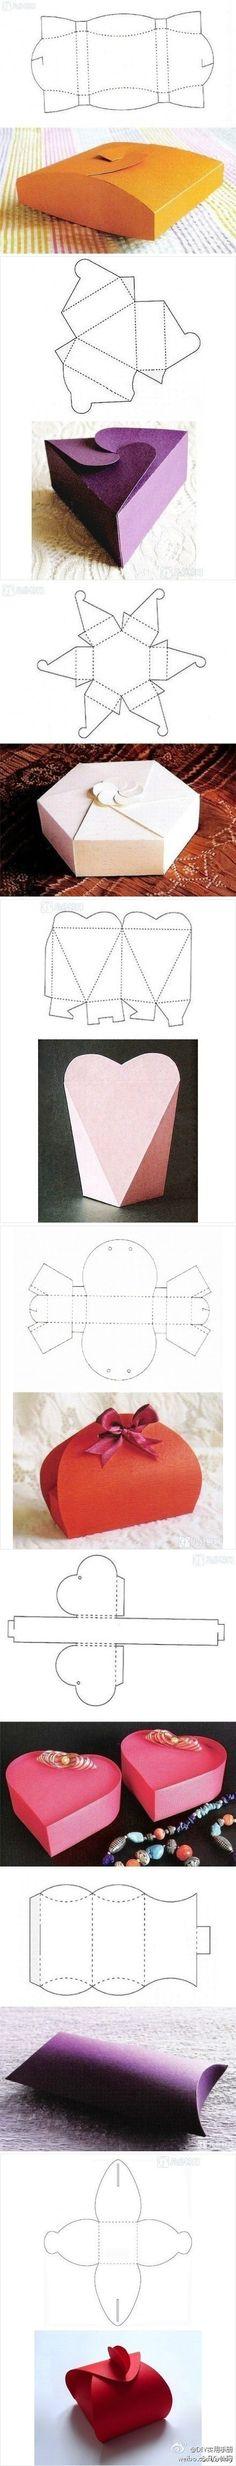 Boîtes Homemade bon cadeau modèles de bricolage boîte